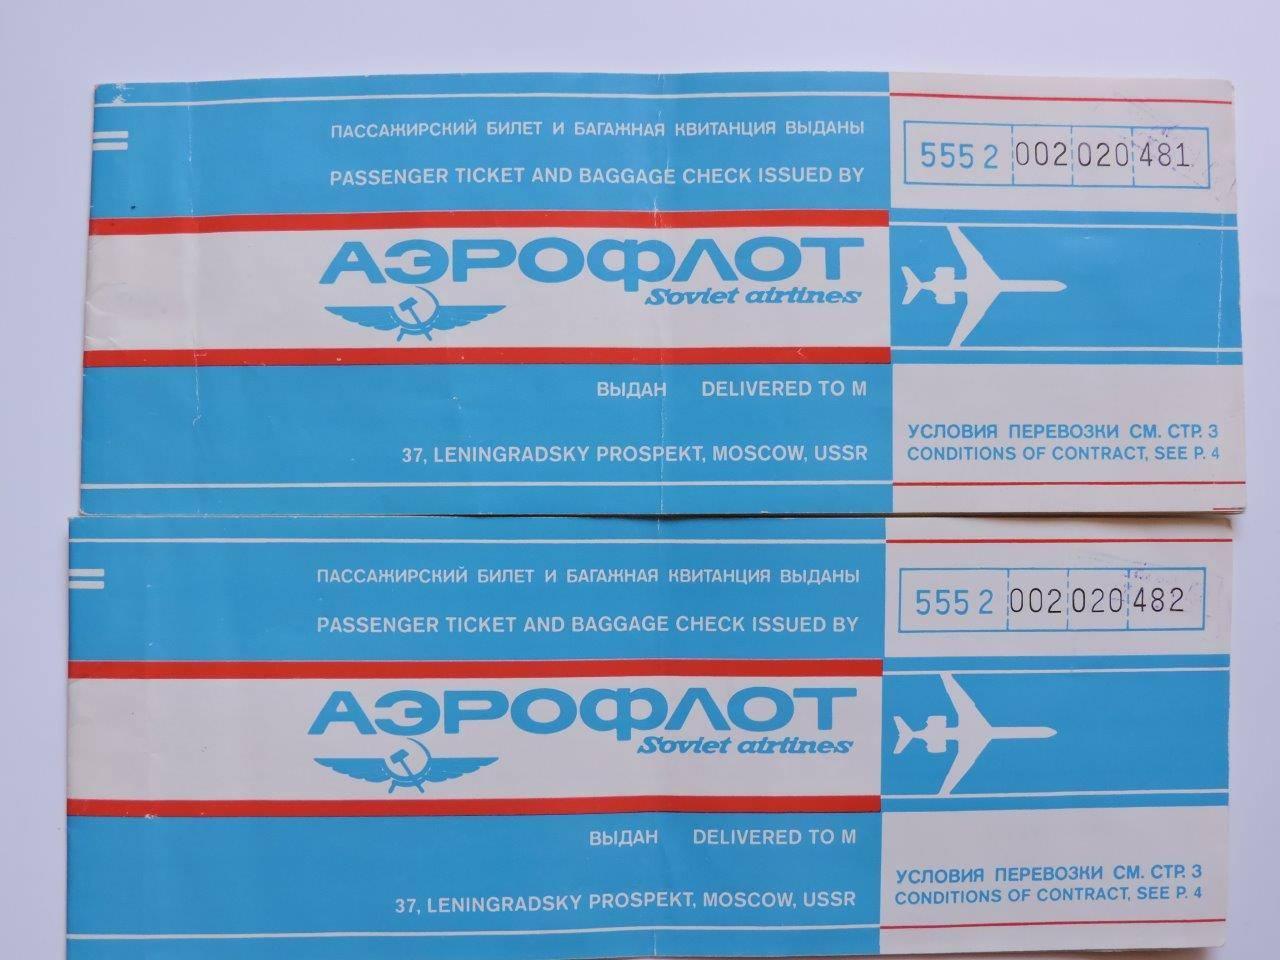 1977-09-16. Авиабилеты на рейс «Москва-Гавана». Титул.